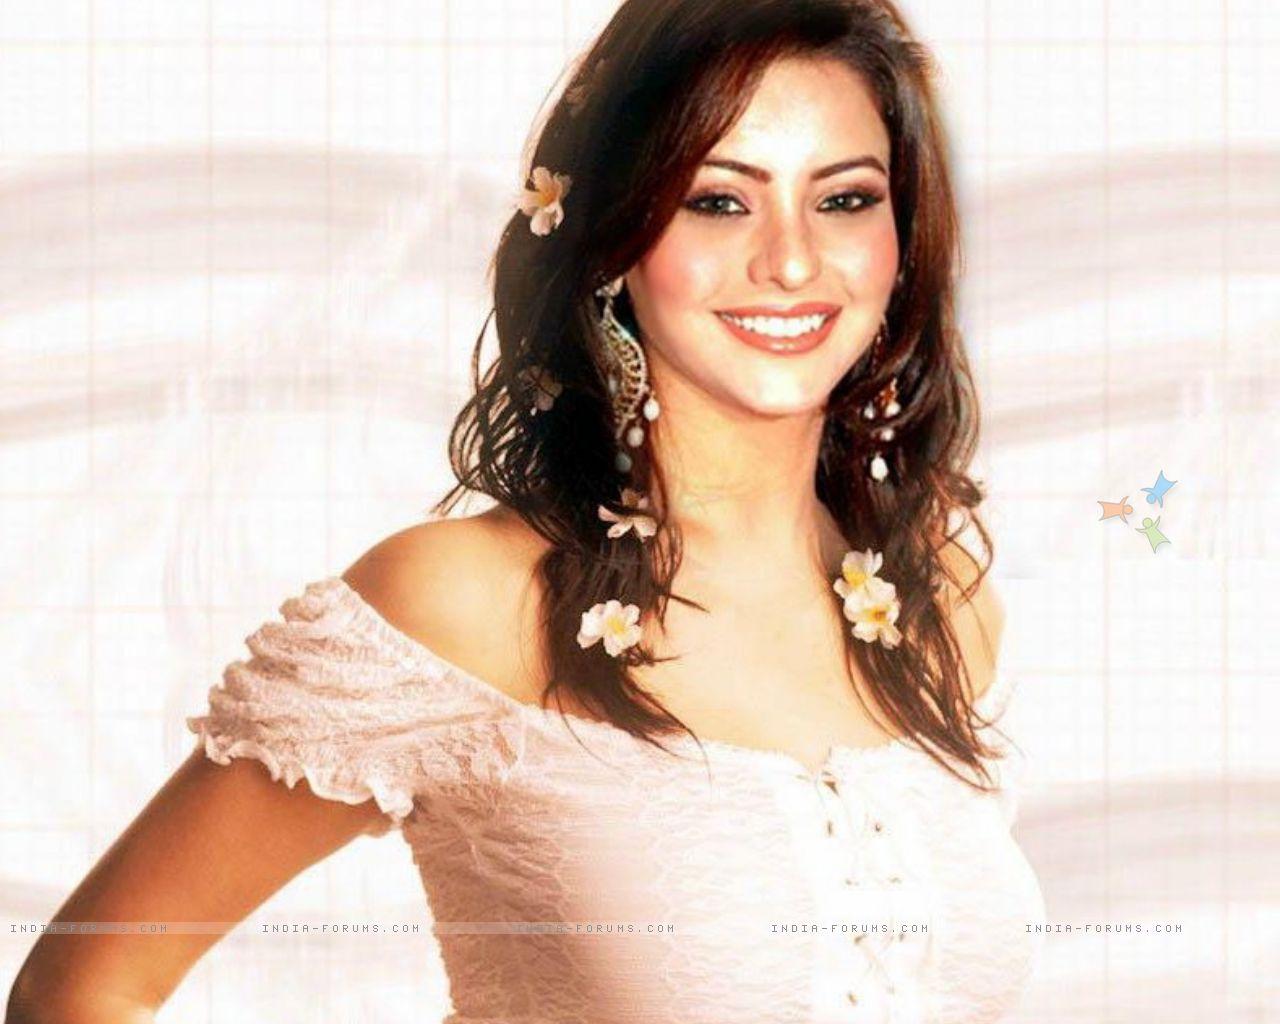 http://4.bp.blogspot.com/-ZX6CLNp2riY/TfnuzirhxkI/AAAAAAAAARI/ZEgV876EAoo/s1600/Bollywood+Aamna+Shariff+Wallpaper15.jpg